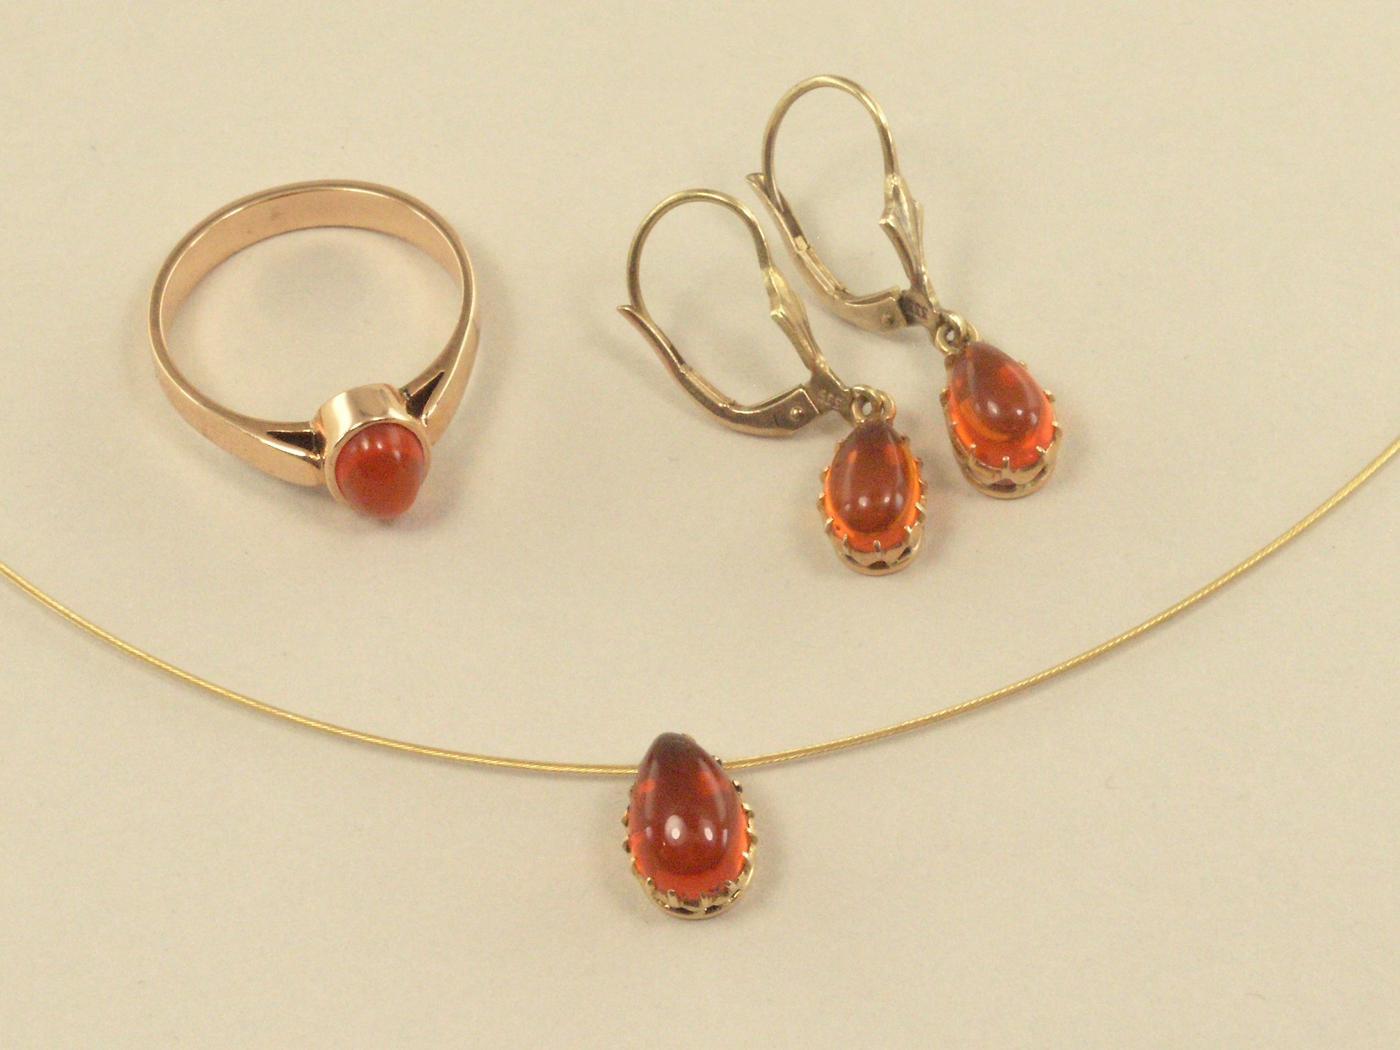 1 Set Halskette Collier mit Anhänger 1 Paar Ohrringe